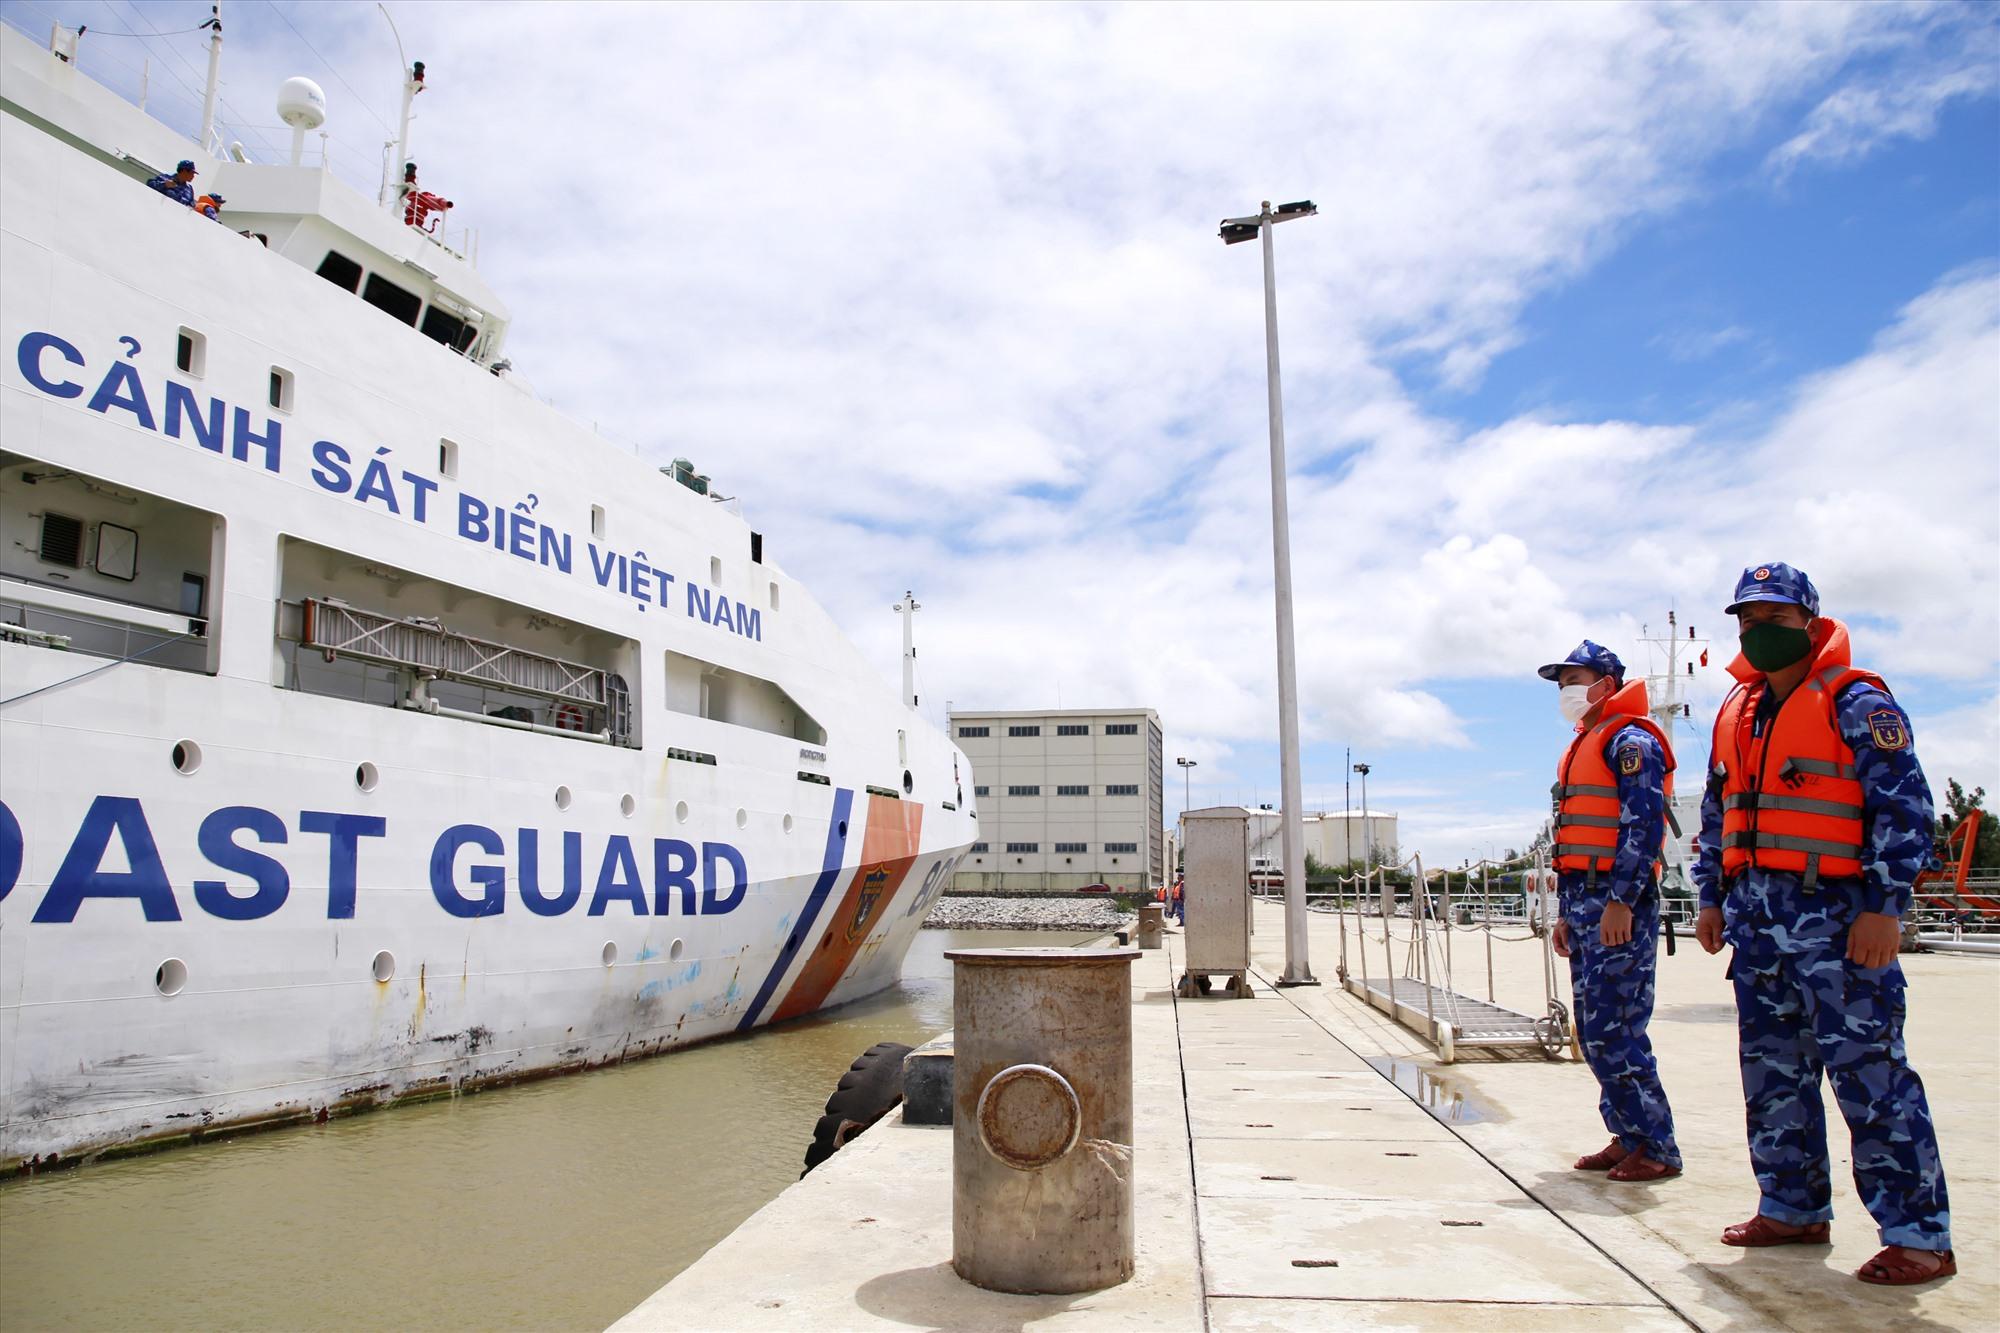 Tàu Cảnh sát biển 8002 cập cảng Tam Quang, đưa 5 ngư dân và 13 thuyền viên 2 tàu gặp nạn về bờ an toàn. Ảnh: T.C